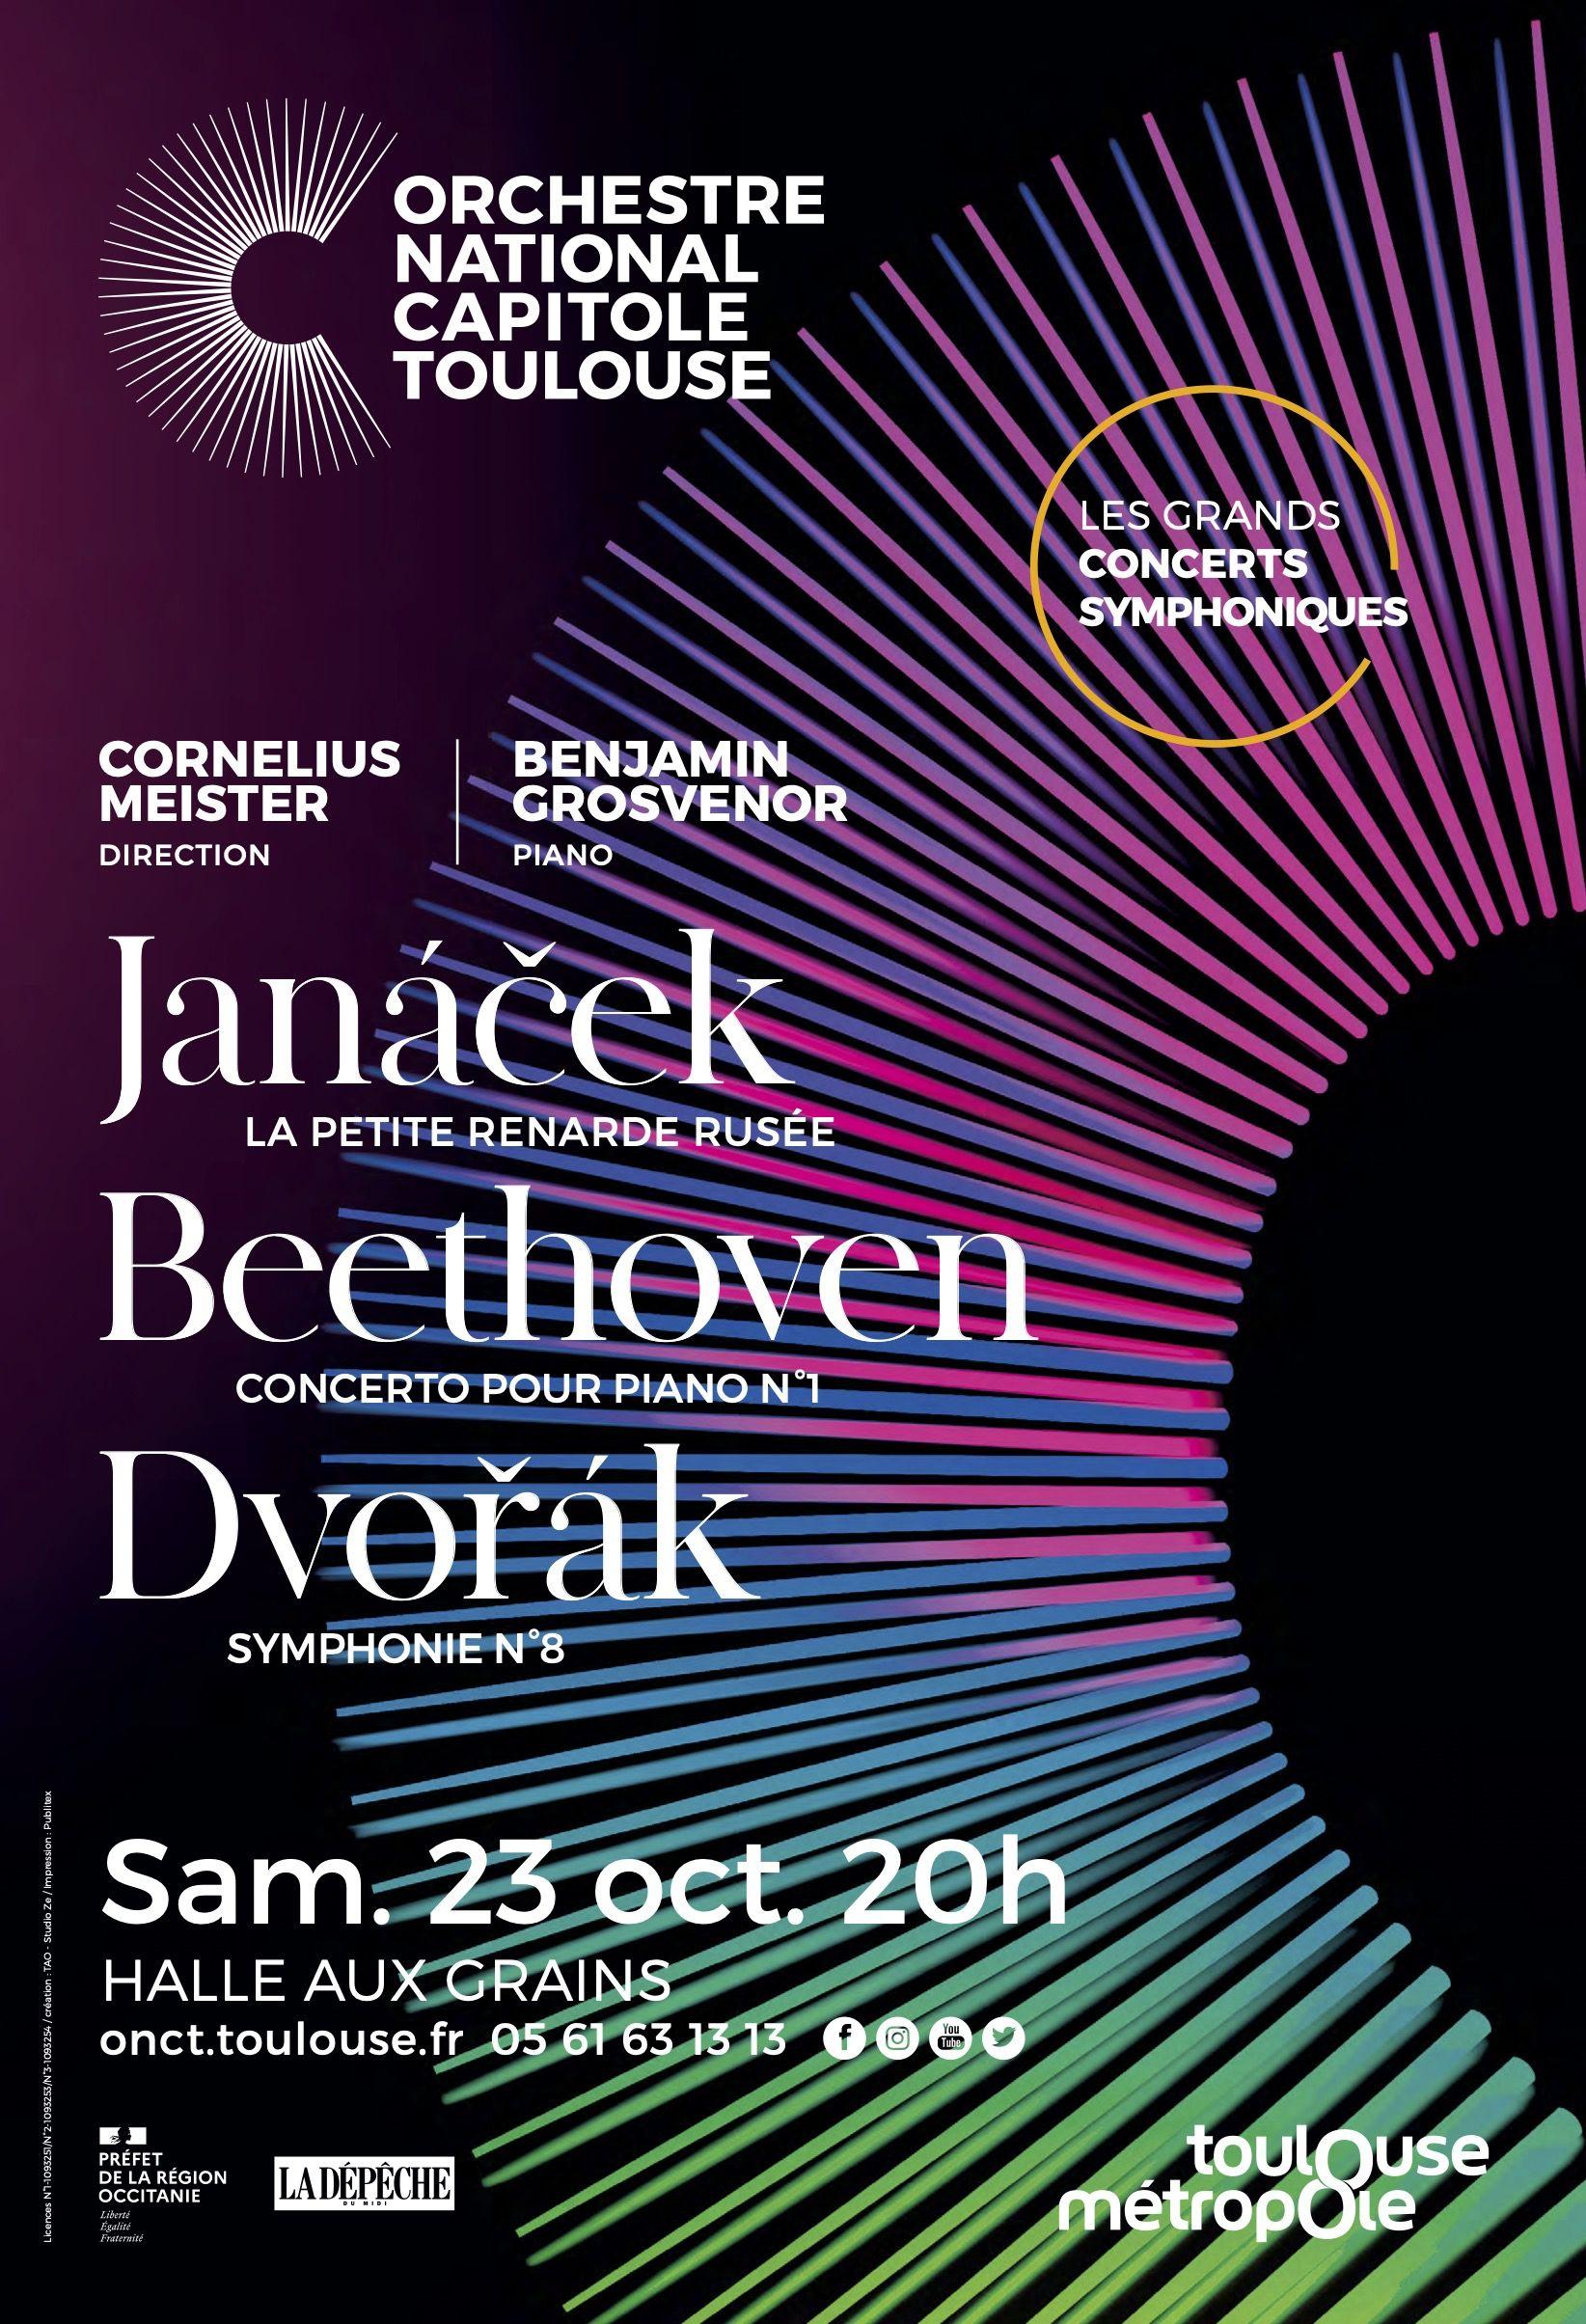 Orchestre national du Capitole - Cornelius Meister